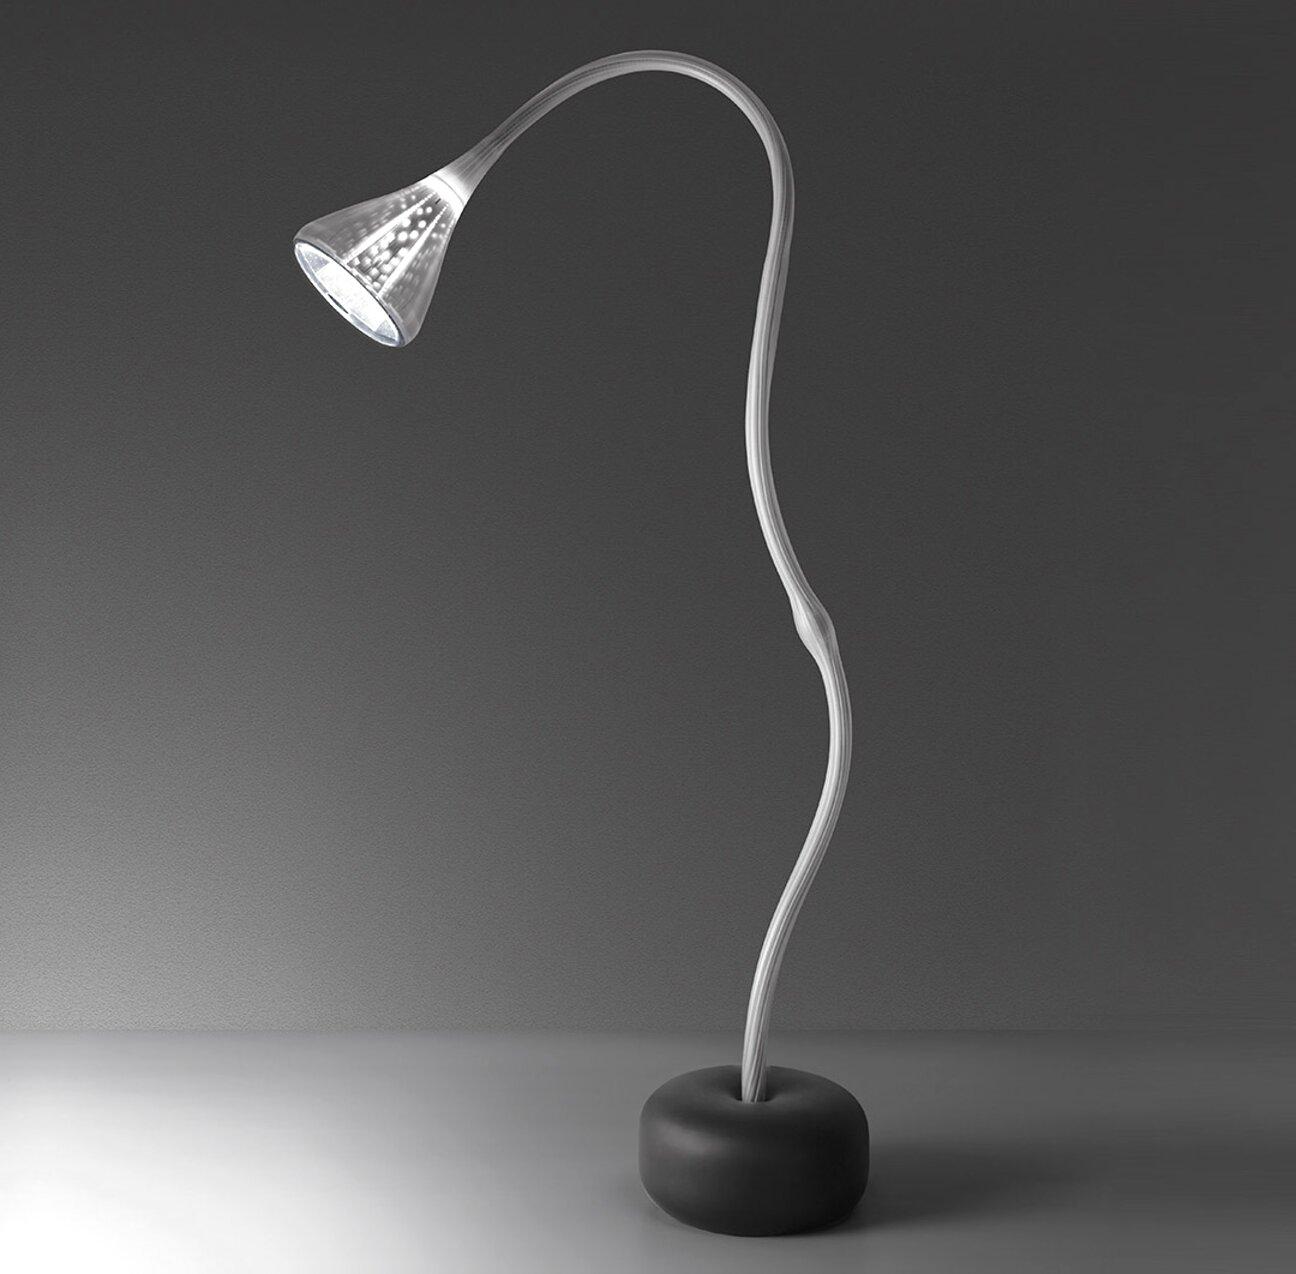 Artemide Stehlampe Gebraucht Kaufen Nur 4 St Bis 75 Gunstiger